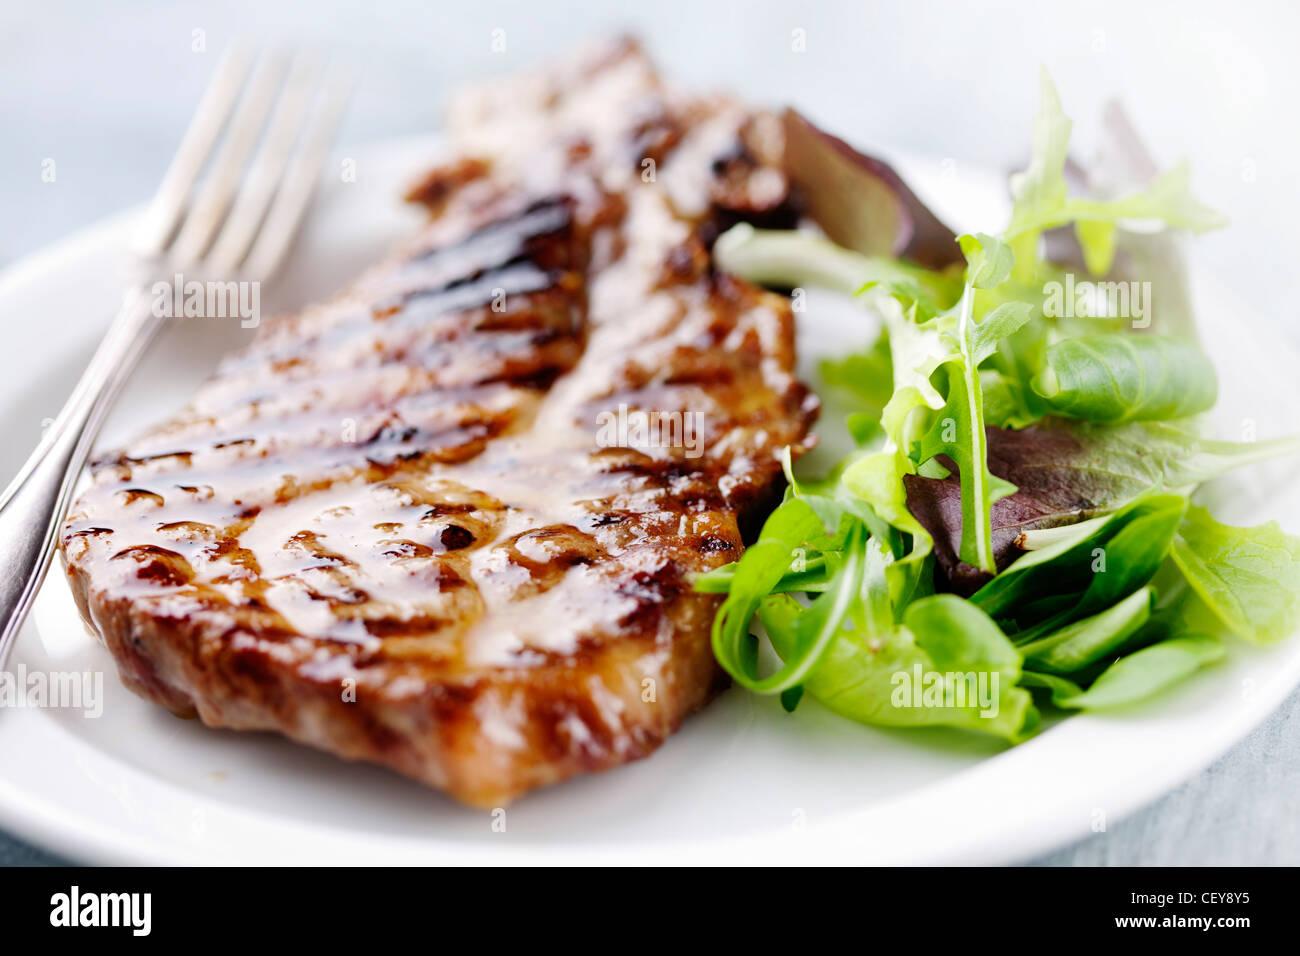 Steak und Salat Stockfoto